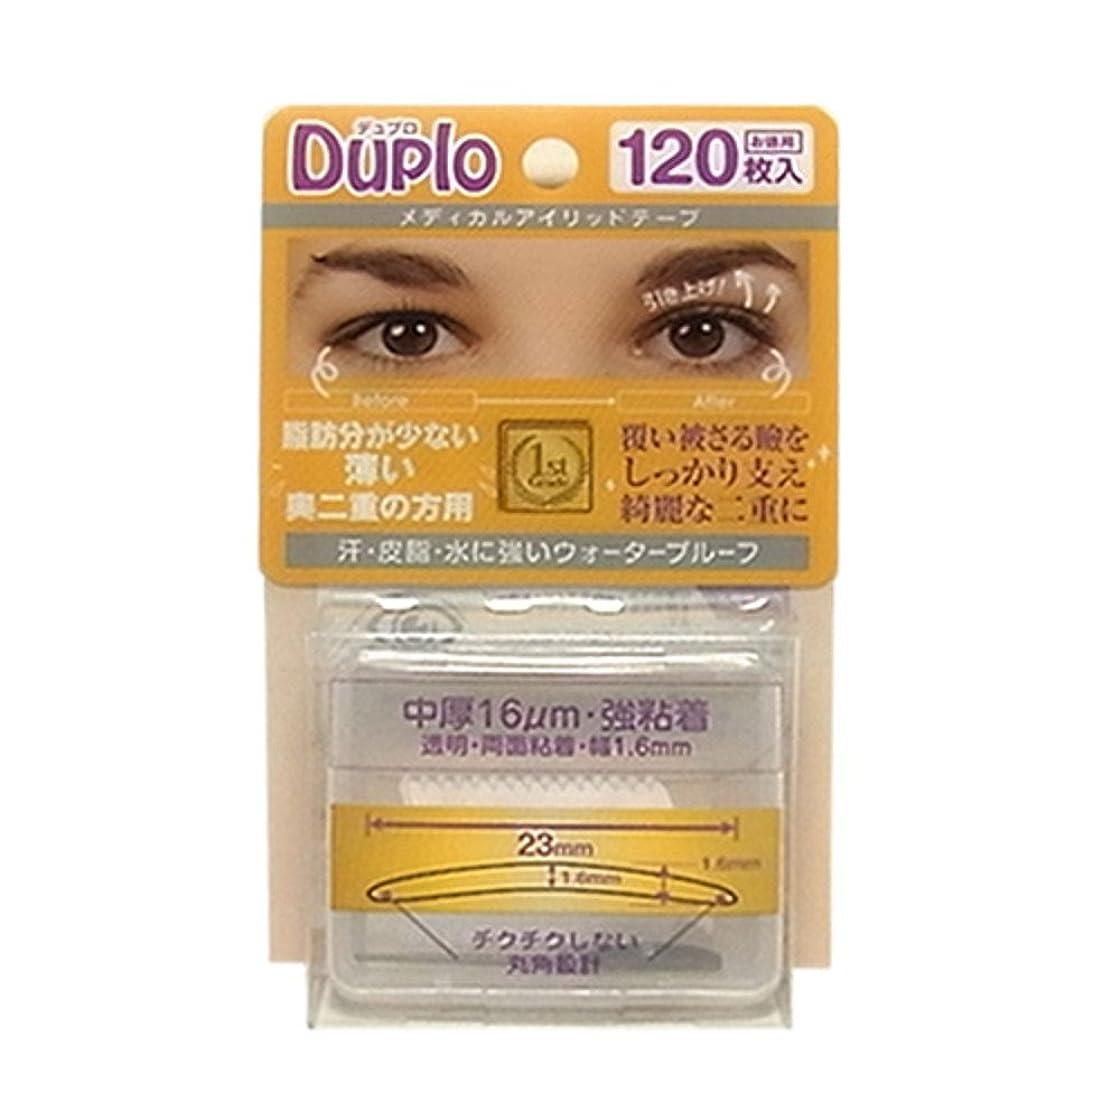 月お誕生日食品Duplo デュプロ メディカルアイリッドテープ 中厚 16μm 強粘着 (眼瞼下垂防止用テープ)透明?両面 120枚入